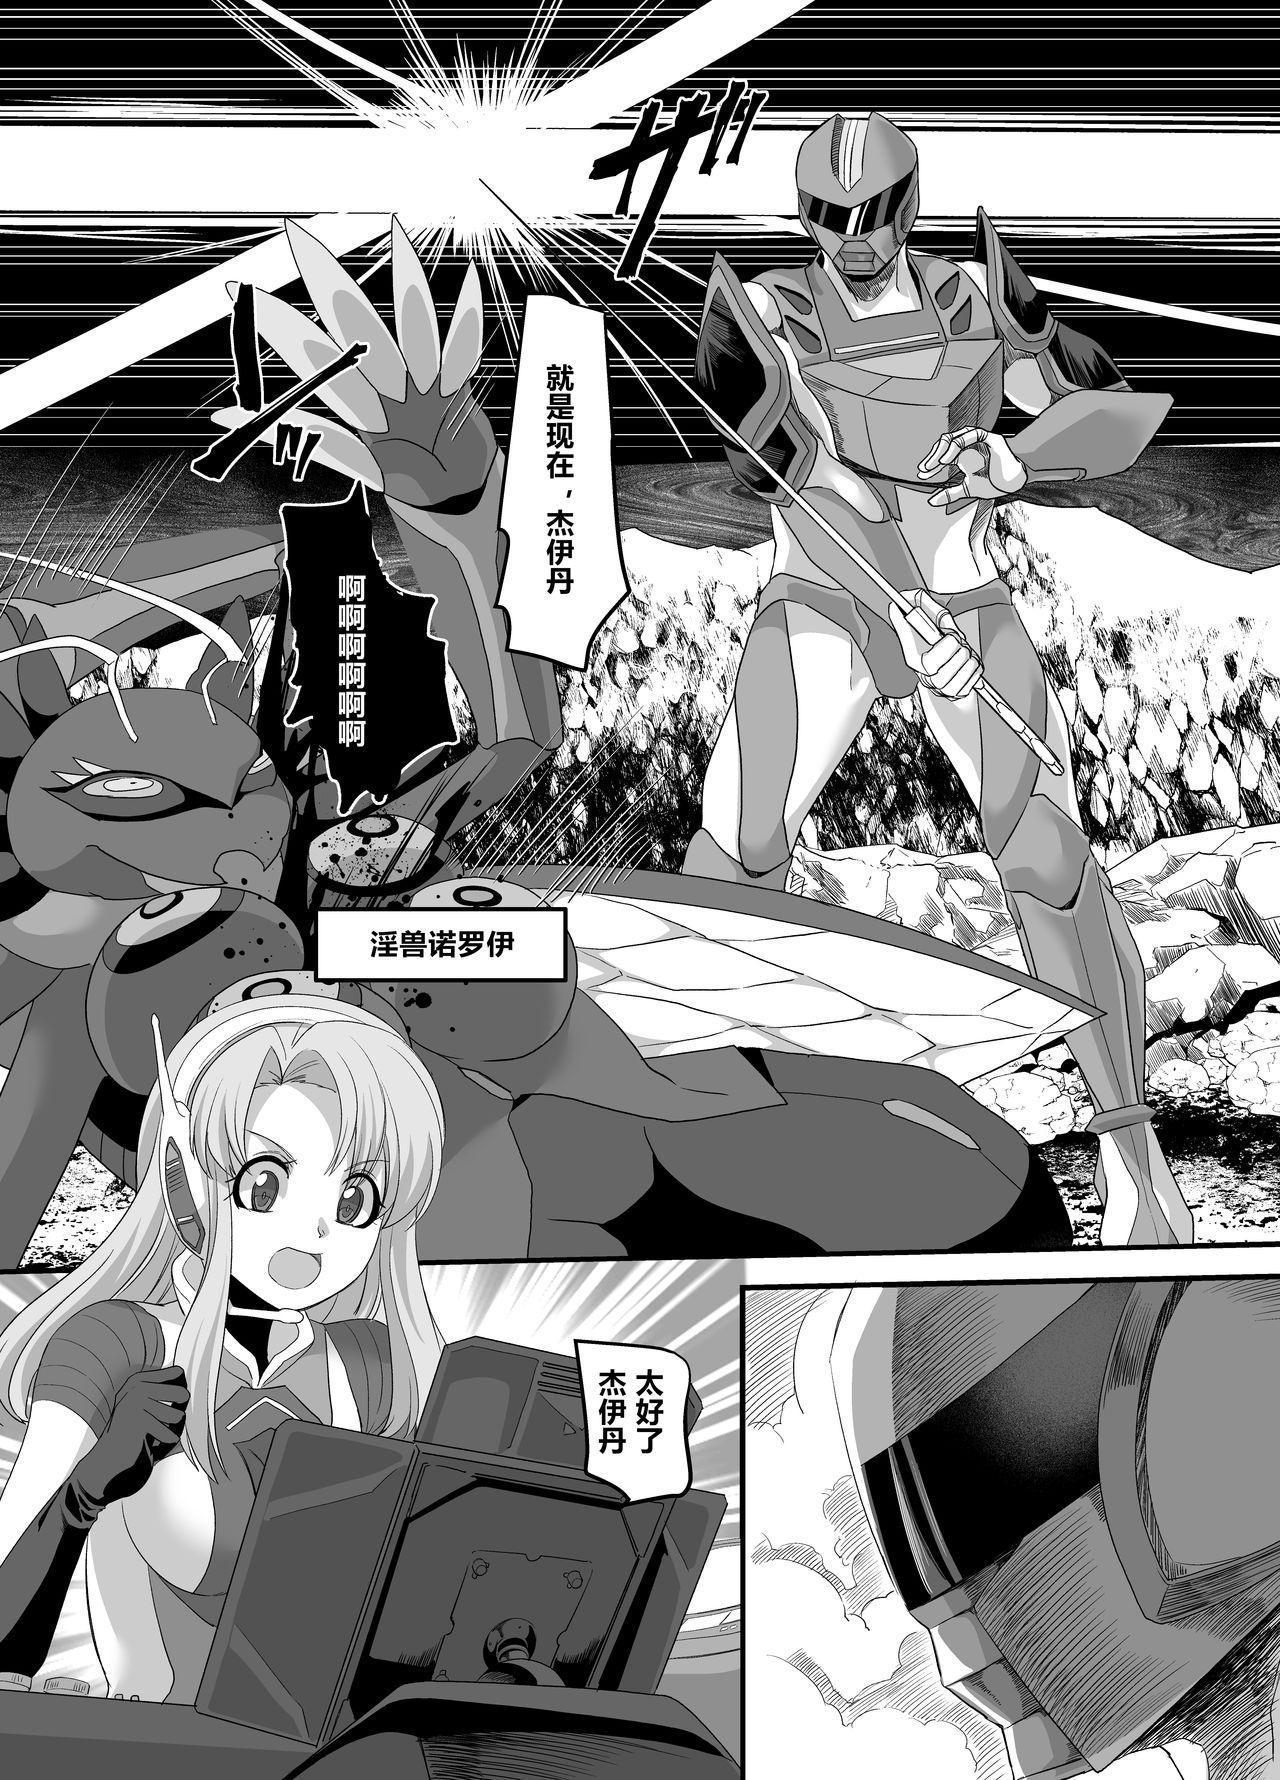 Uchuu Keiji Jaydan Inkai no Chousen 1